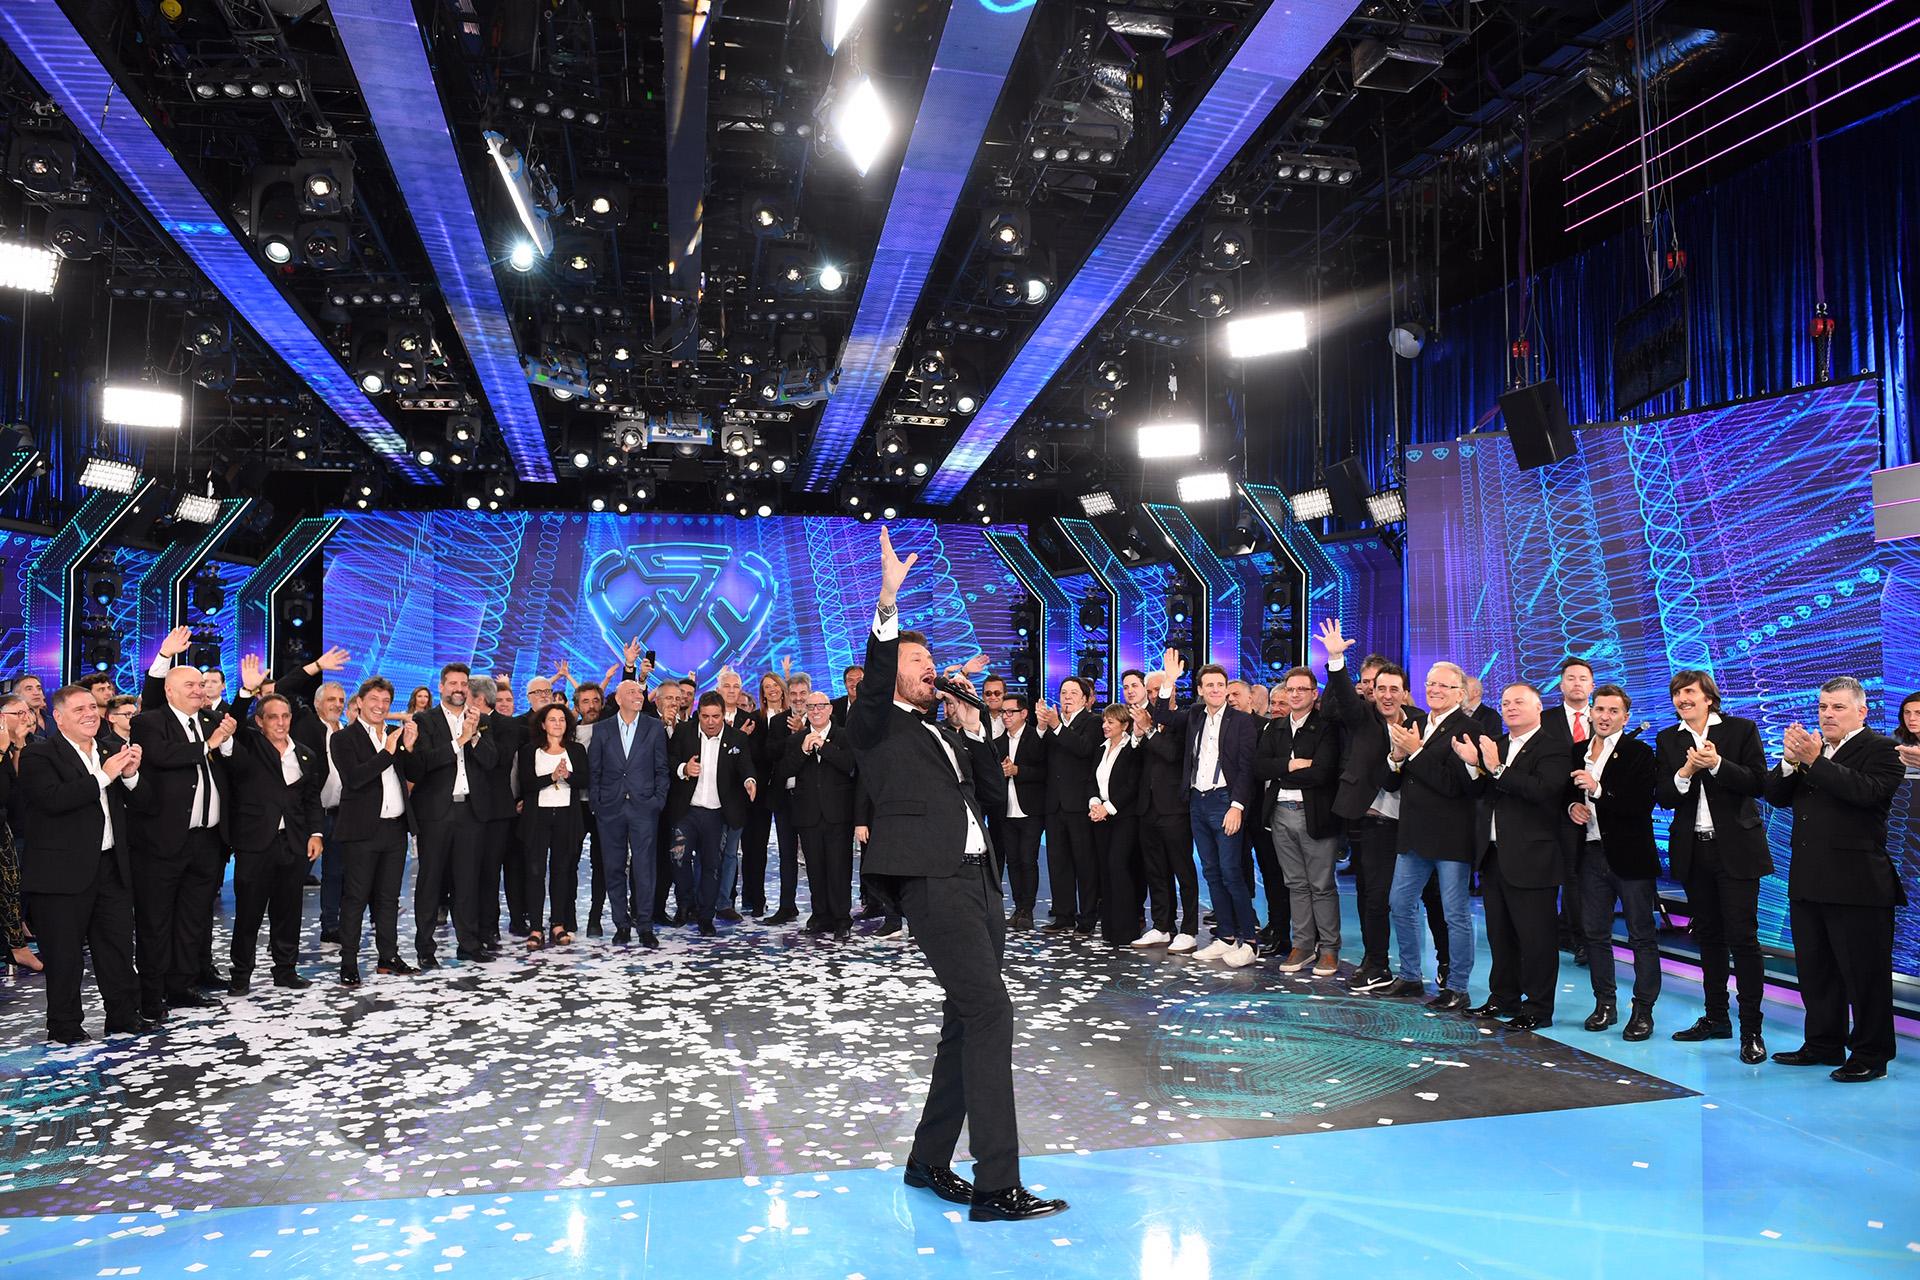 Los aplausos de gran parte de quienes lo acompañaron a lo largo de estas tres décadas coronaron la presentación de una nueva temporada de ShowMatch